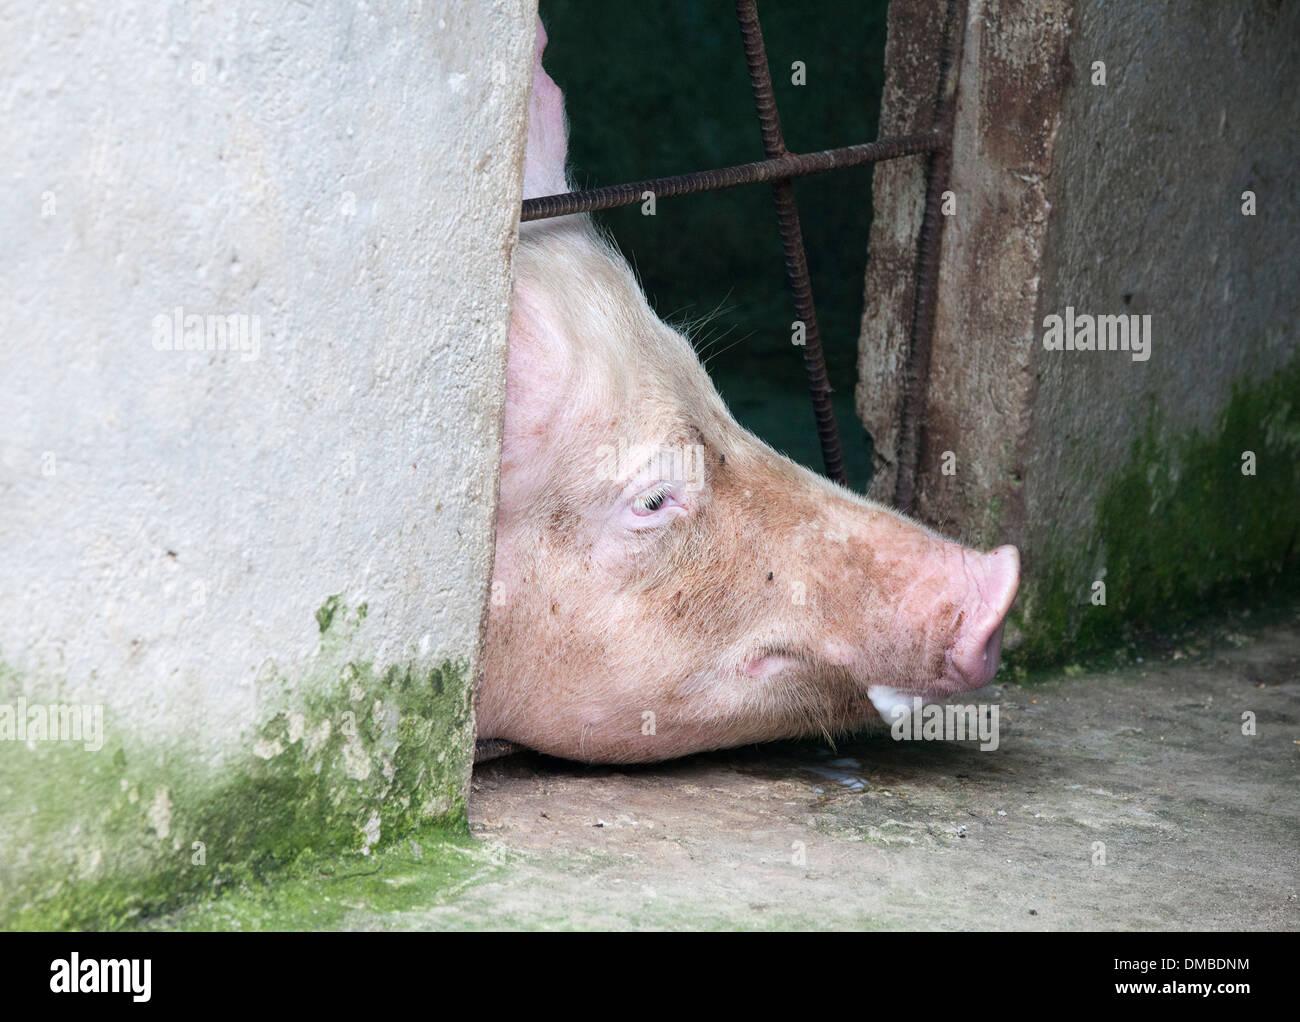 Cerdo doméstico (Sus scrofa domestica) empujando la cabeza por los barrotes Imagen De Stock